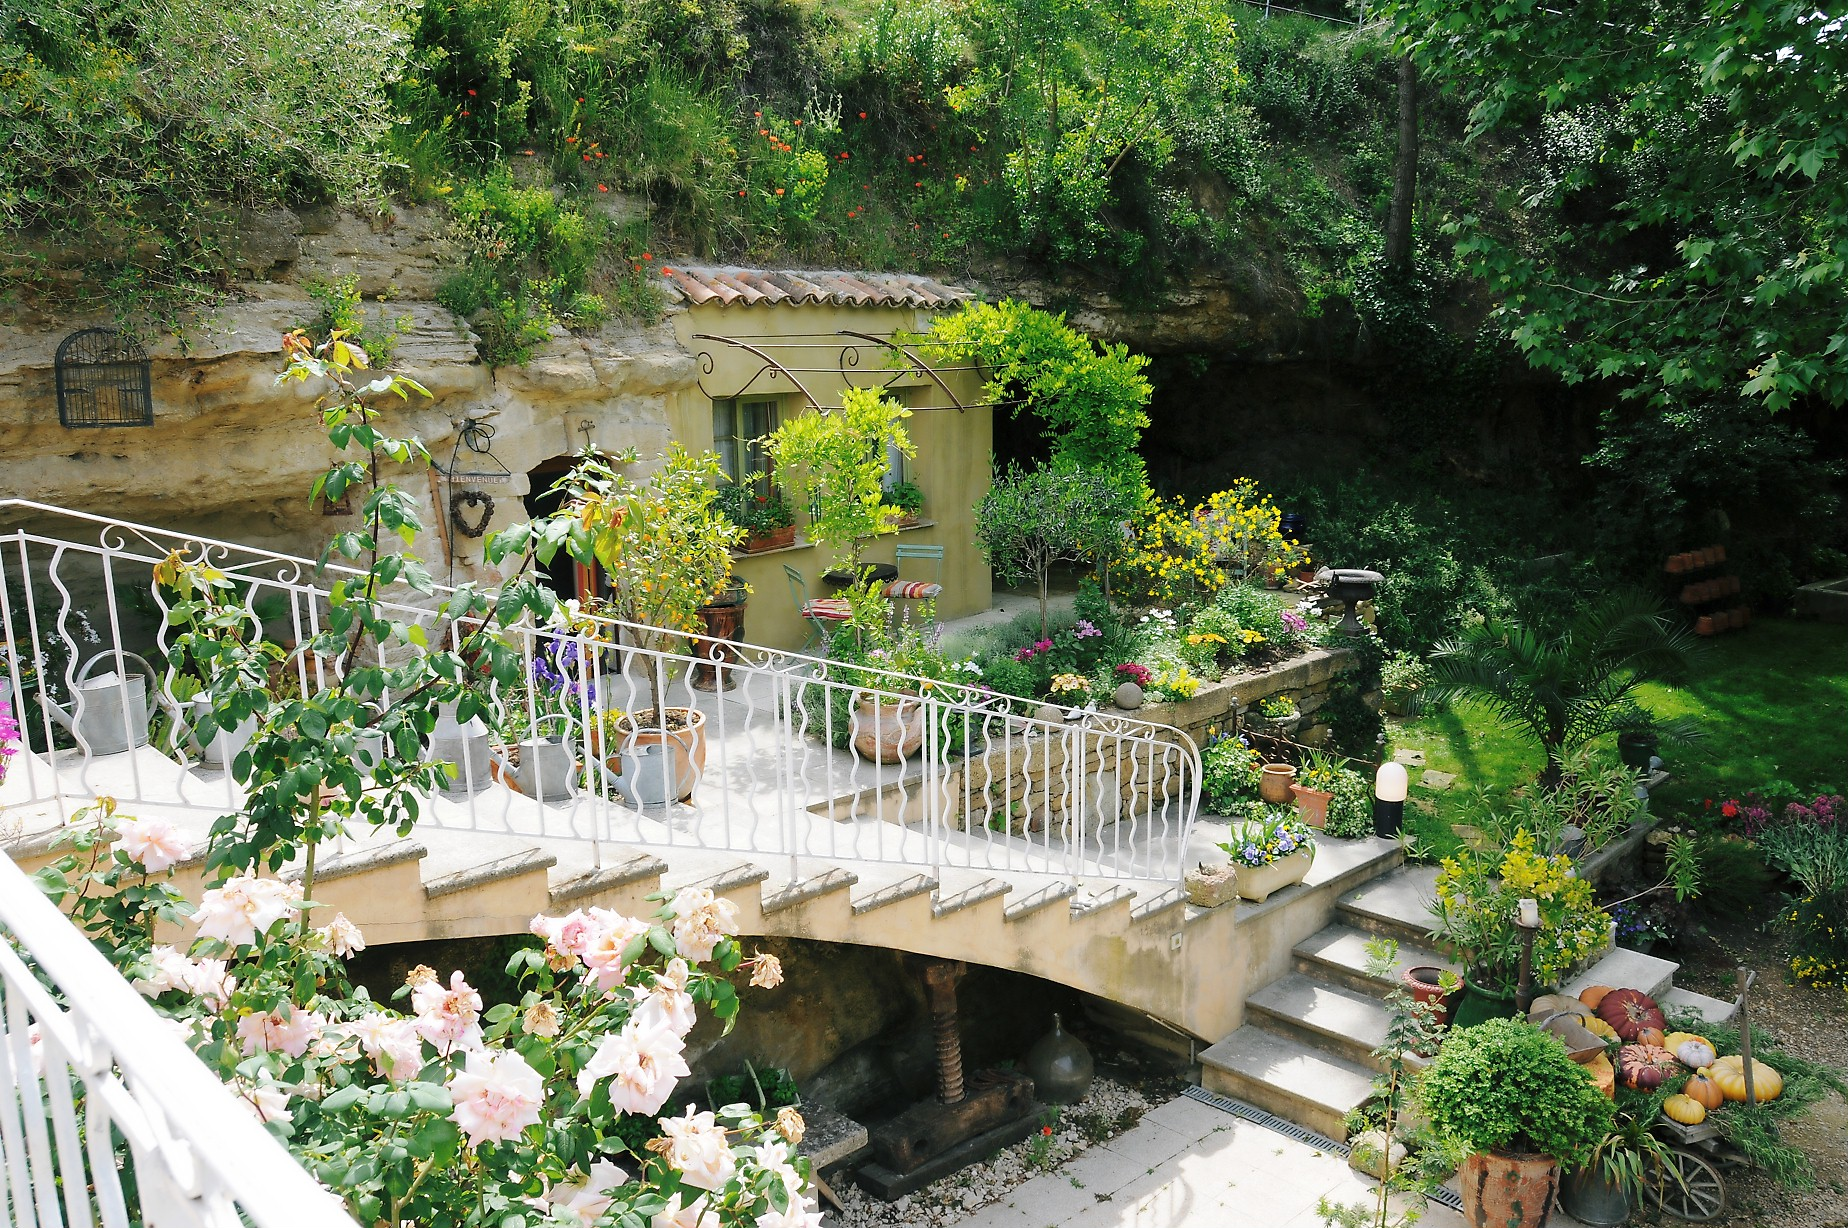 Le Moulin de Bonfilhon